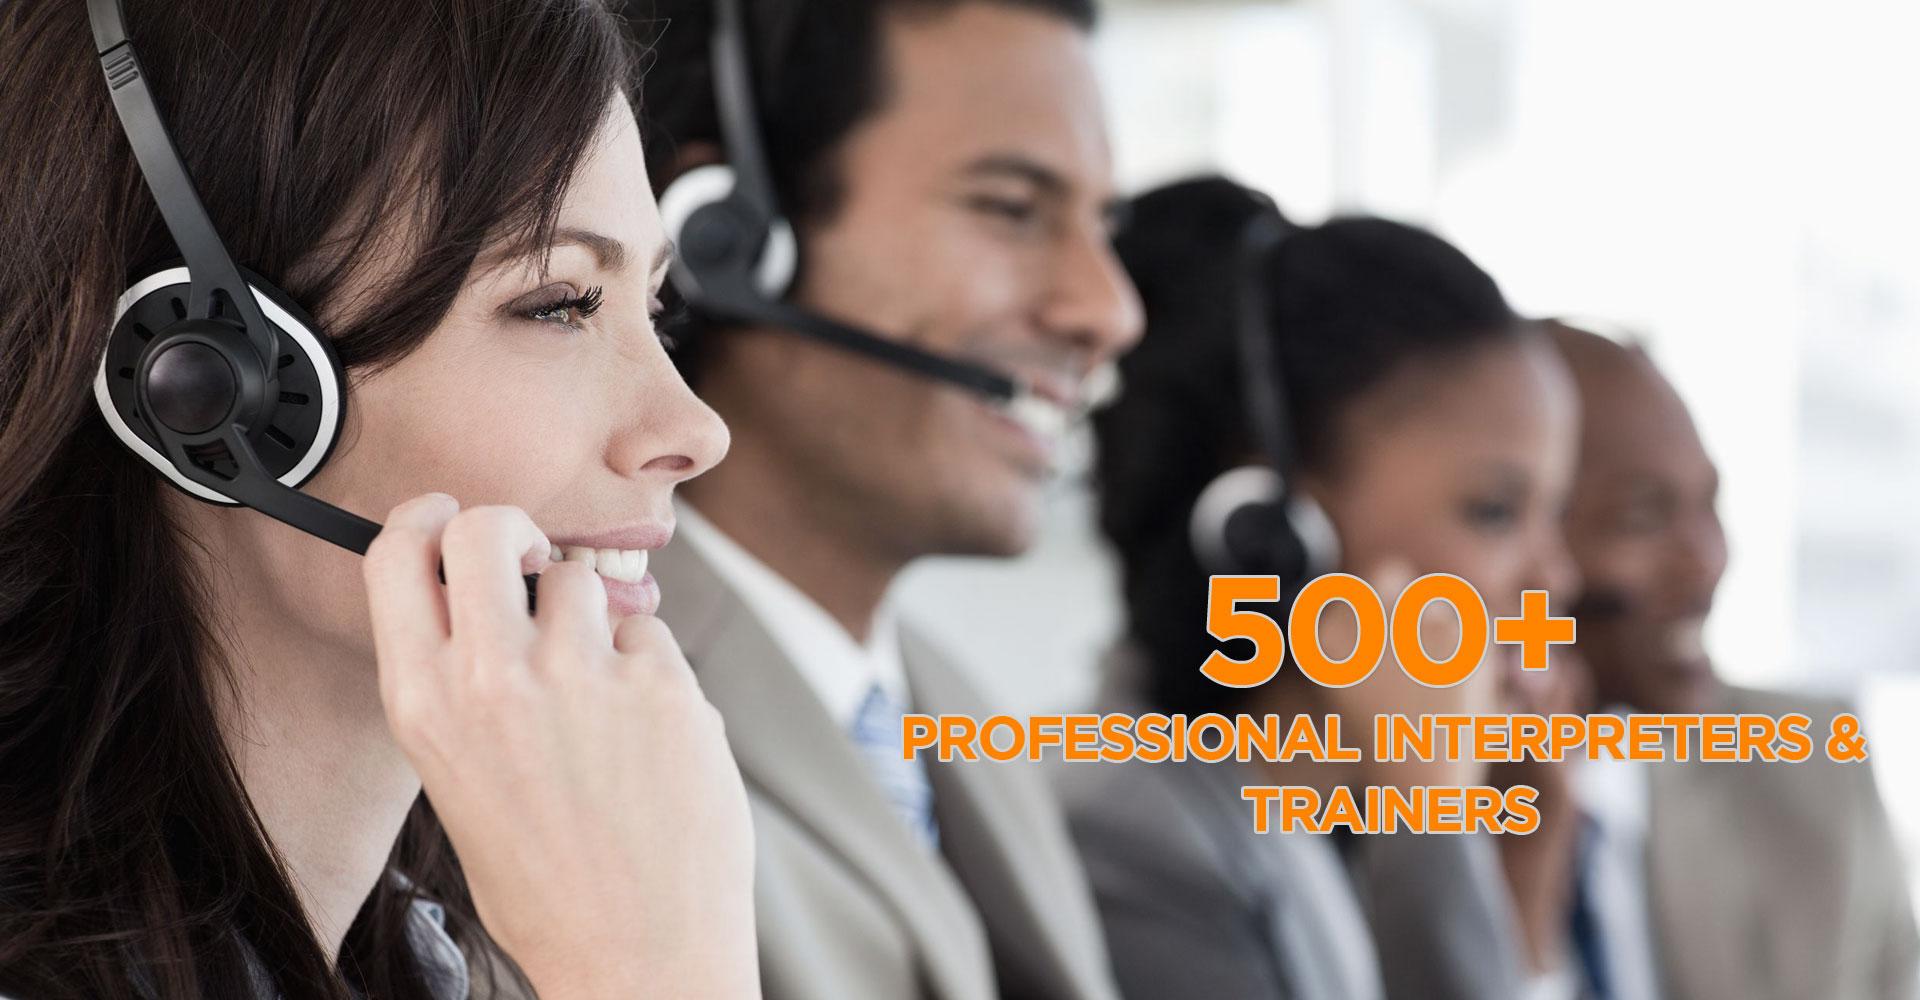 Vie Support Language Services Pvt. Ltd